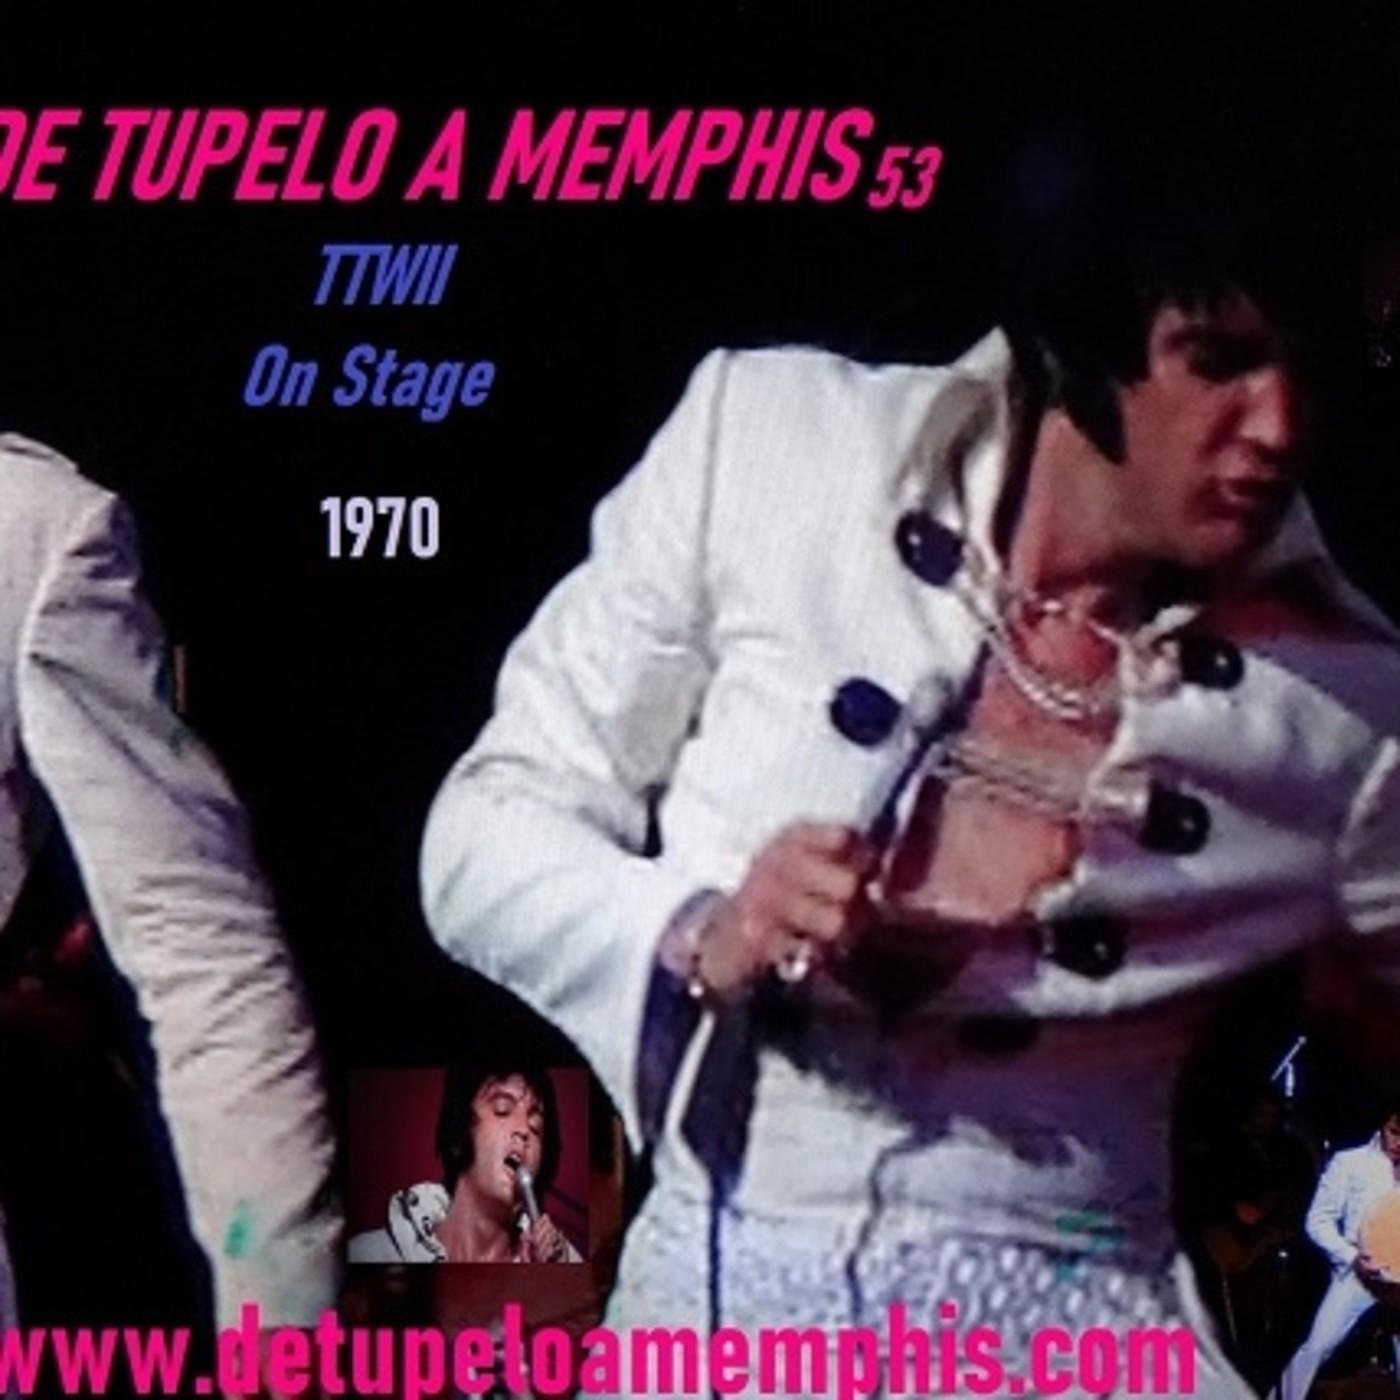 De Tupelo a Memphis 53 TTWII On Stage